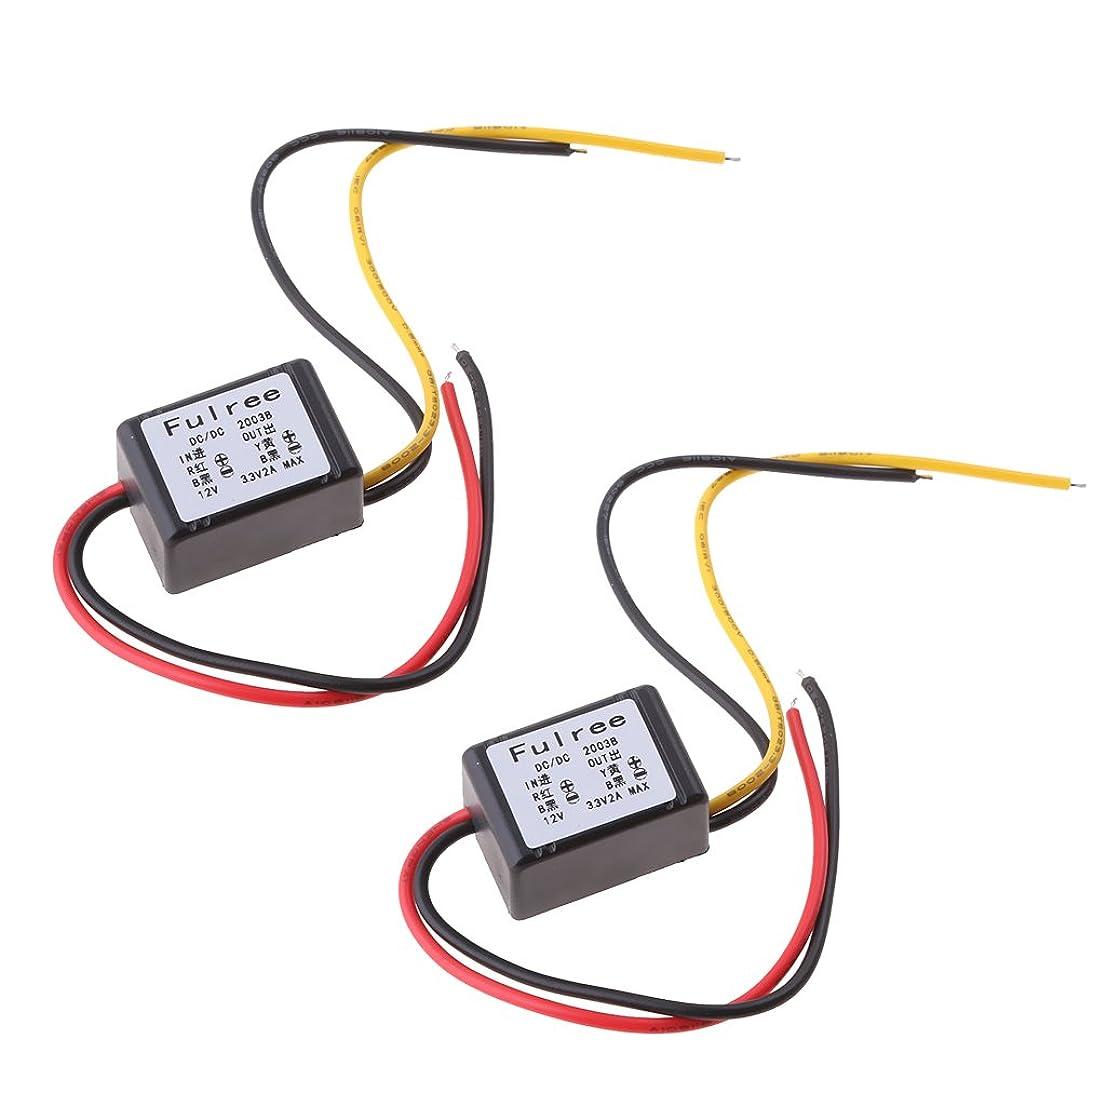 行く間違いまだらH HILABEE DCバックコンバータ 電圧レギュレータ 12V 3.3V カーラジオ用 電源モジュール 自動車 2個